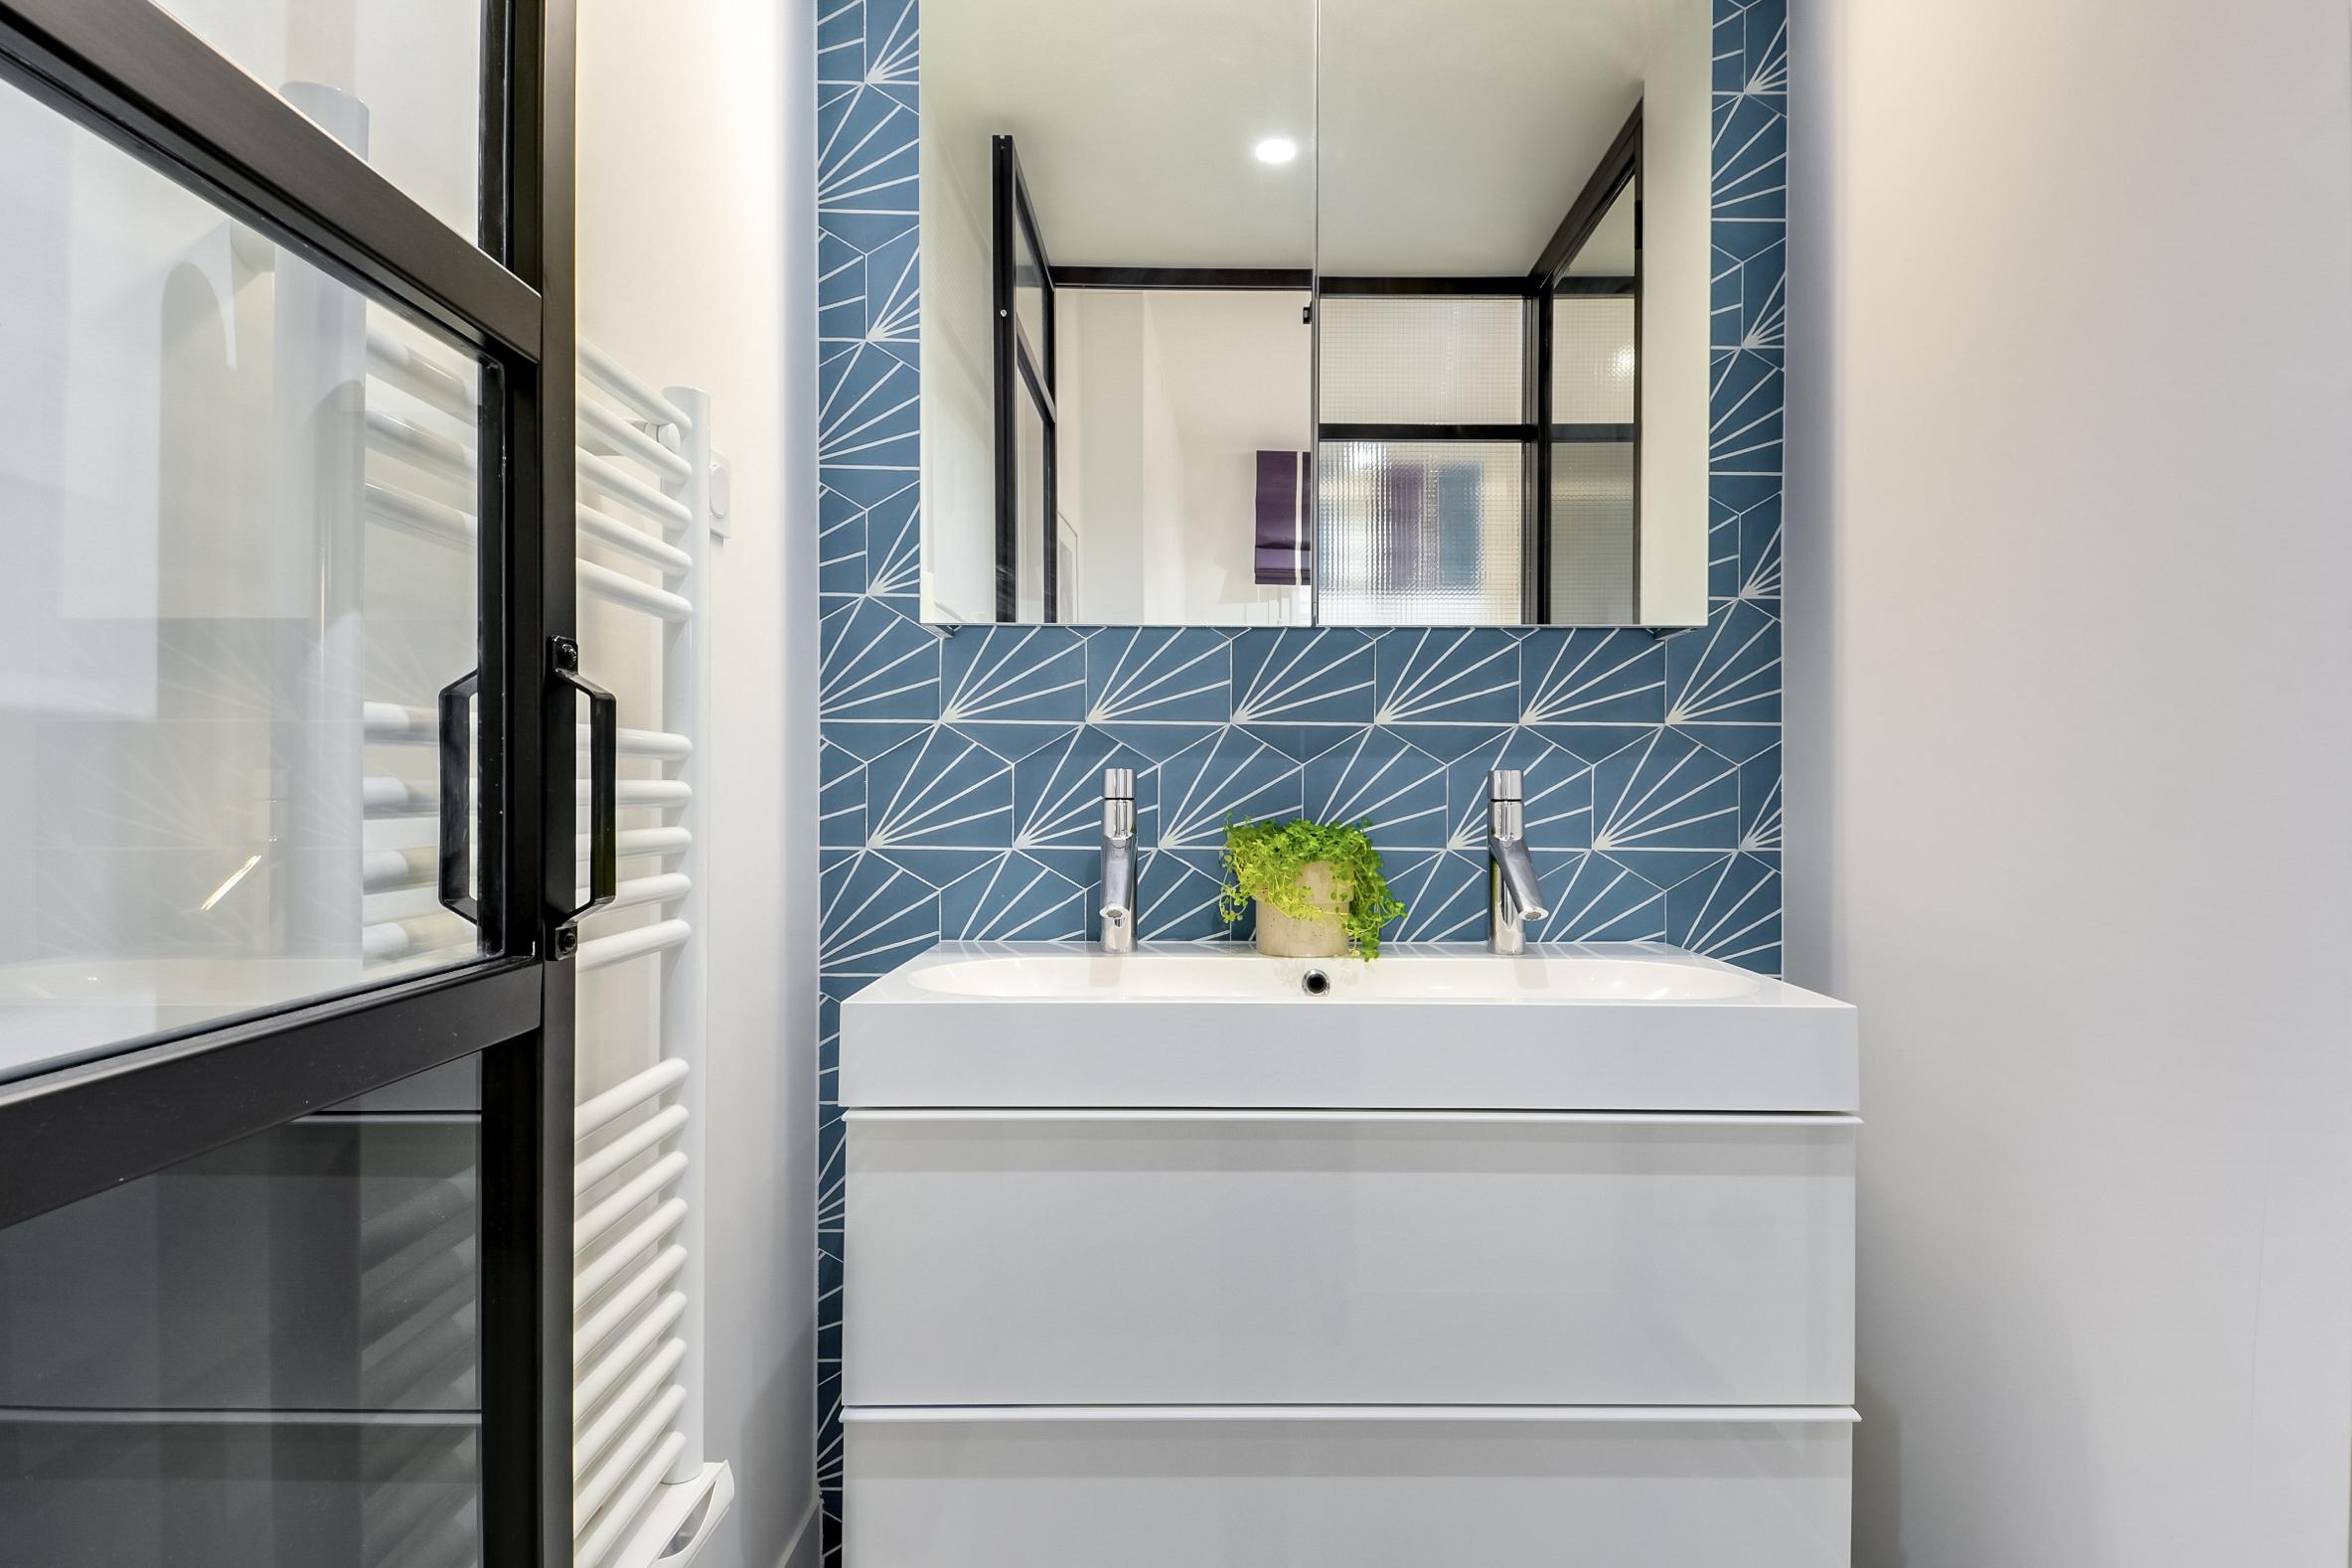 Kleine Praktische Badkamer : Deze kleine badkamer van 2 5m2 is leuk en praktisch ingericht